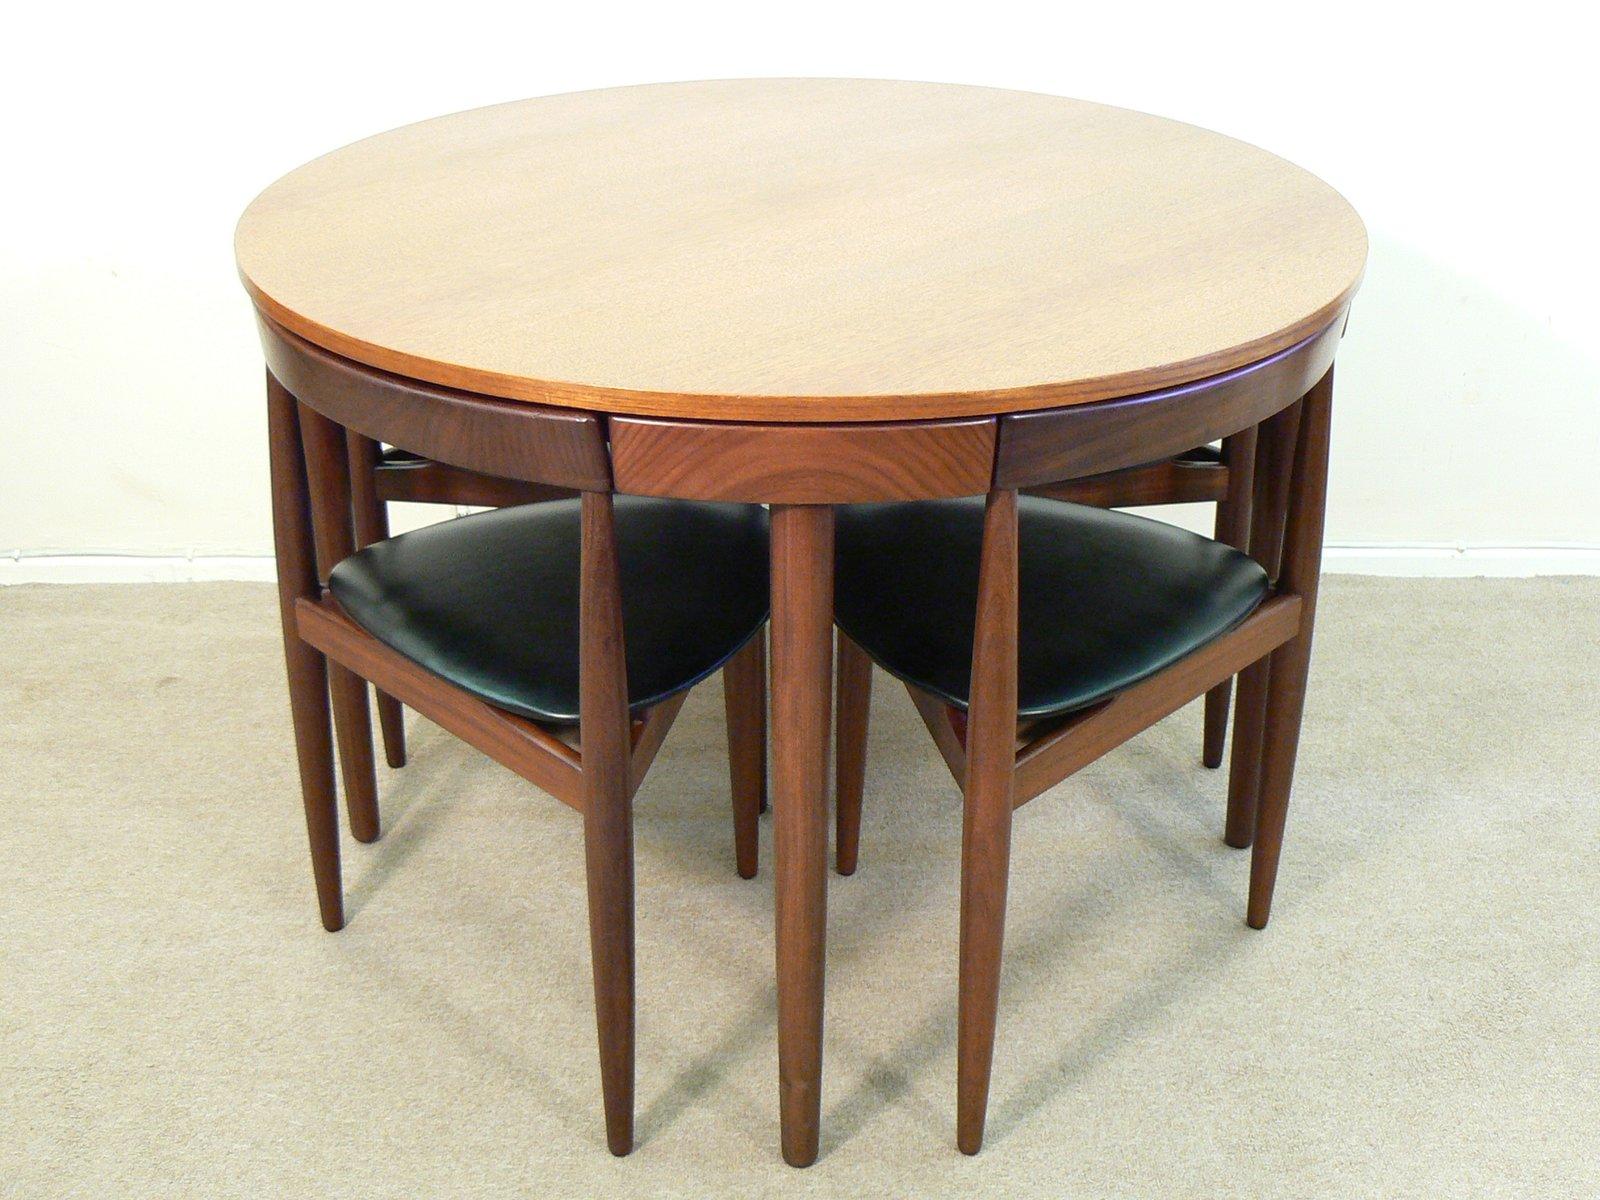 Dining Table Set By Hans Olsen For Frem Rojle, 1960s